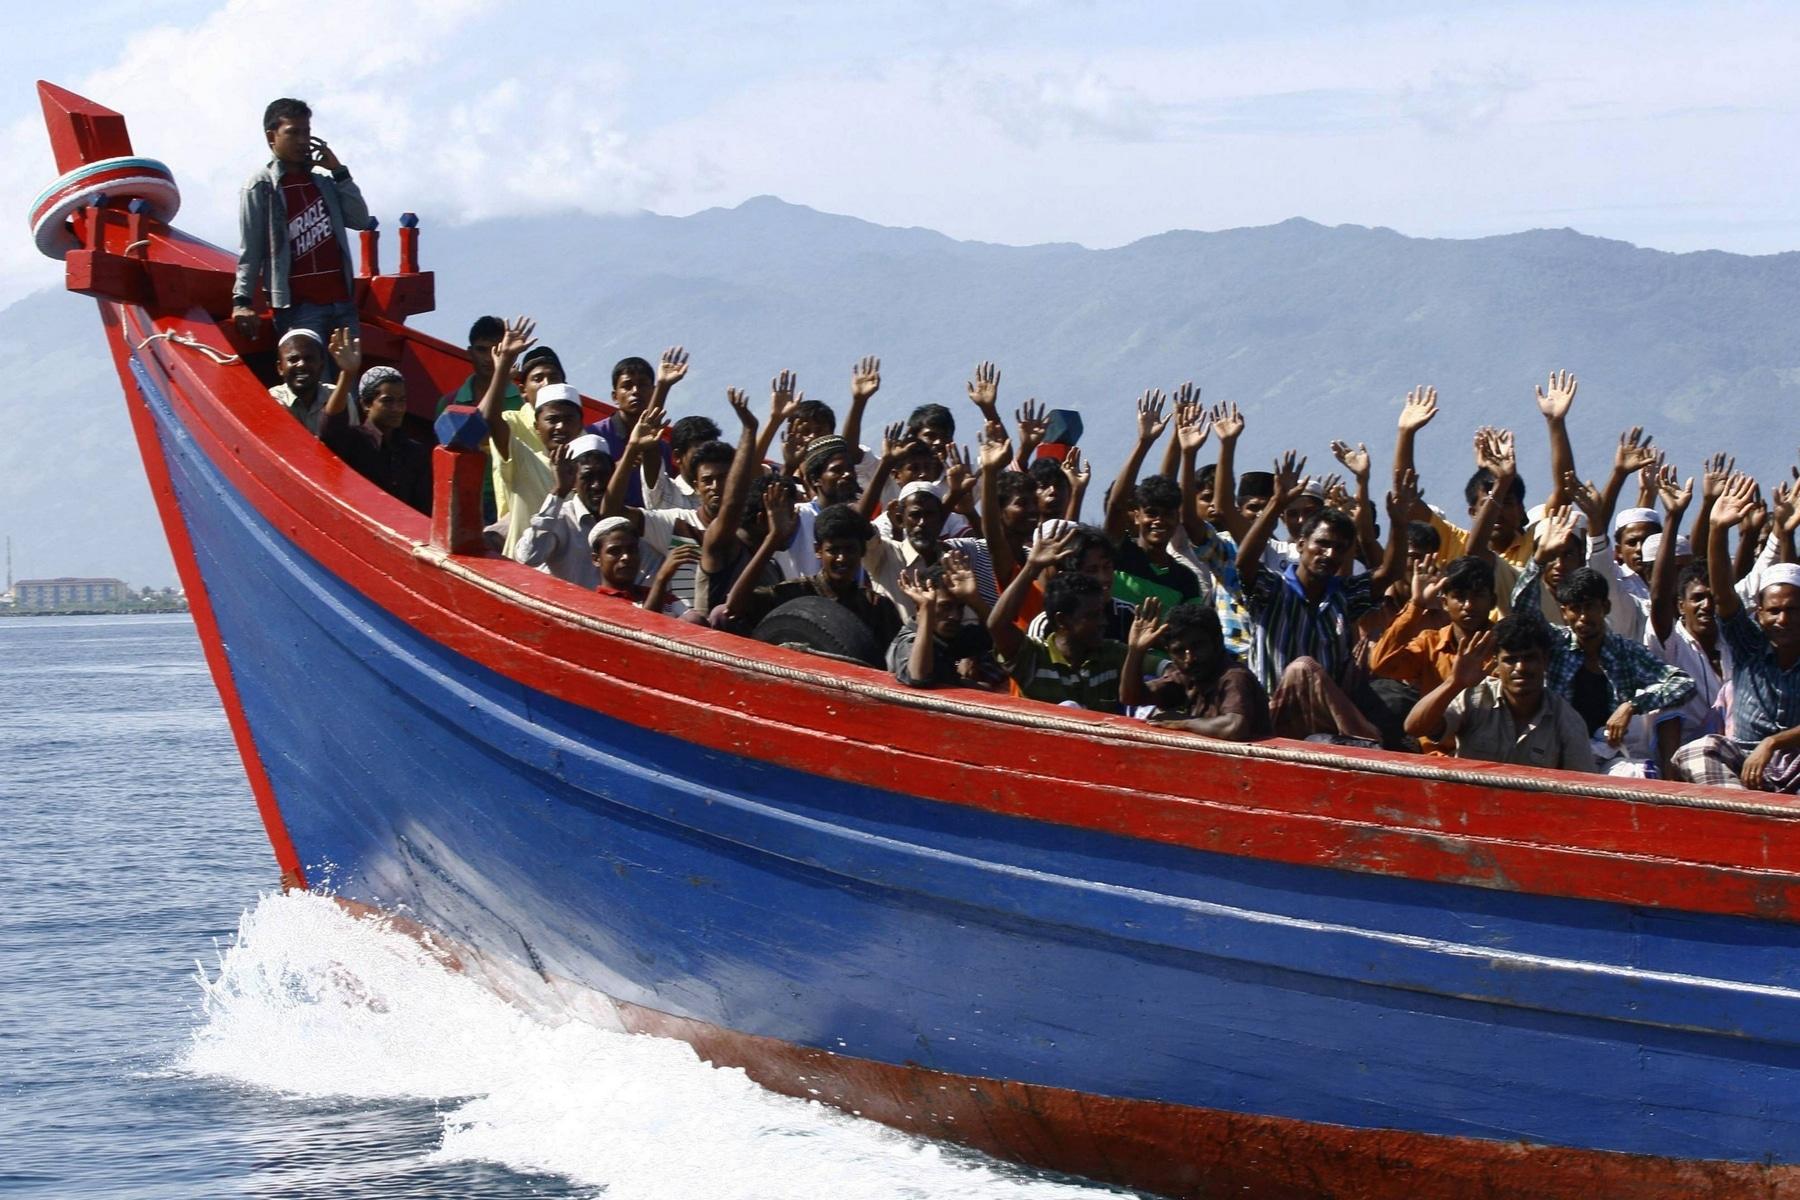 Dalla Sicilia non si entra e non si esce. Diritto di ingresso solo ai clandestini. Nei primi 6 giorni di novembre 2749 sbarchi.<br> Attività chiuse, porti aperti